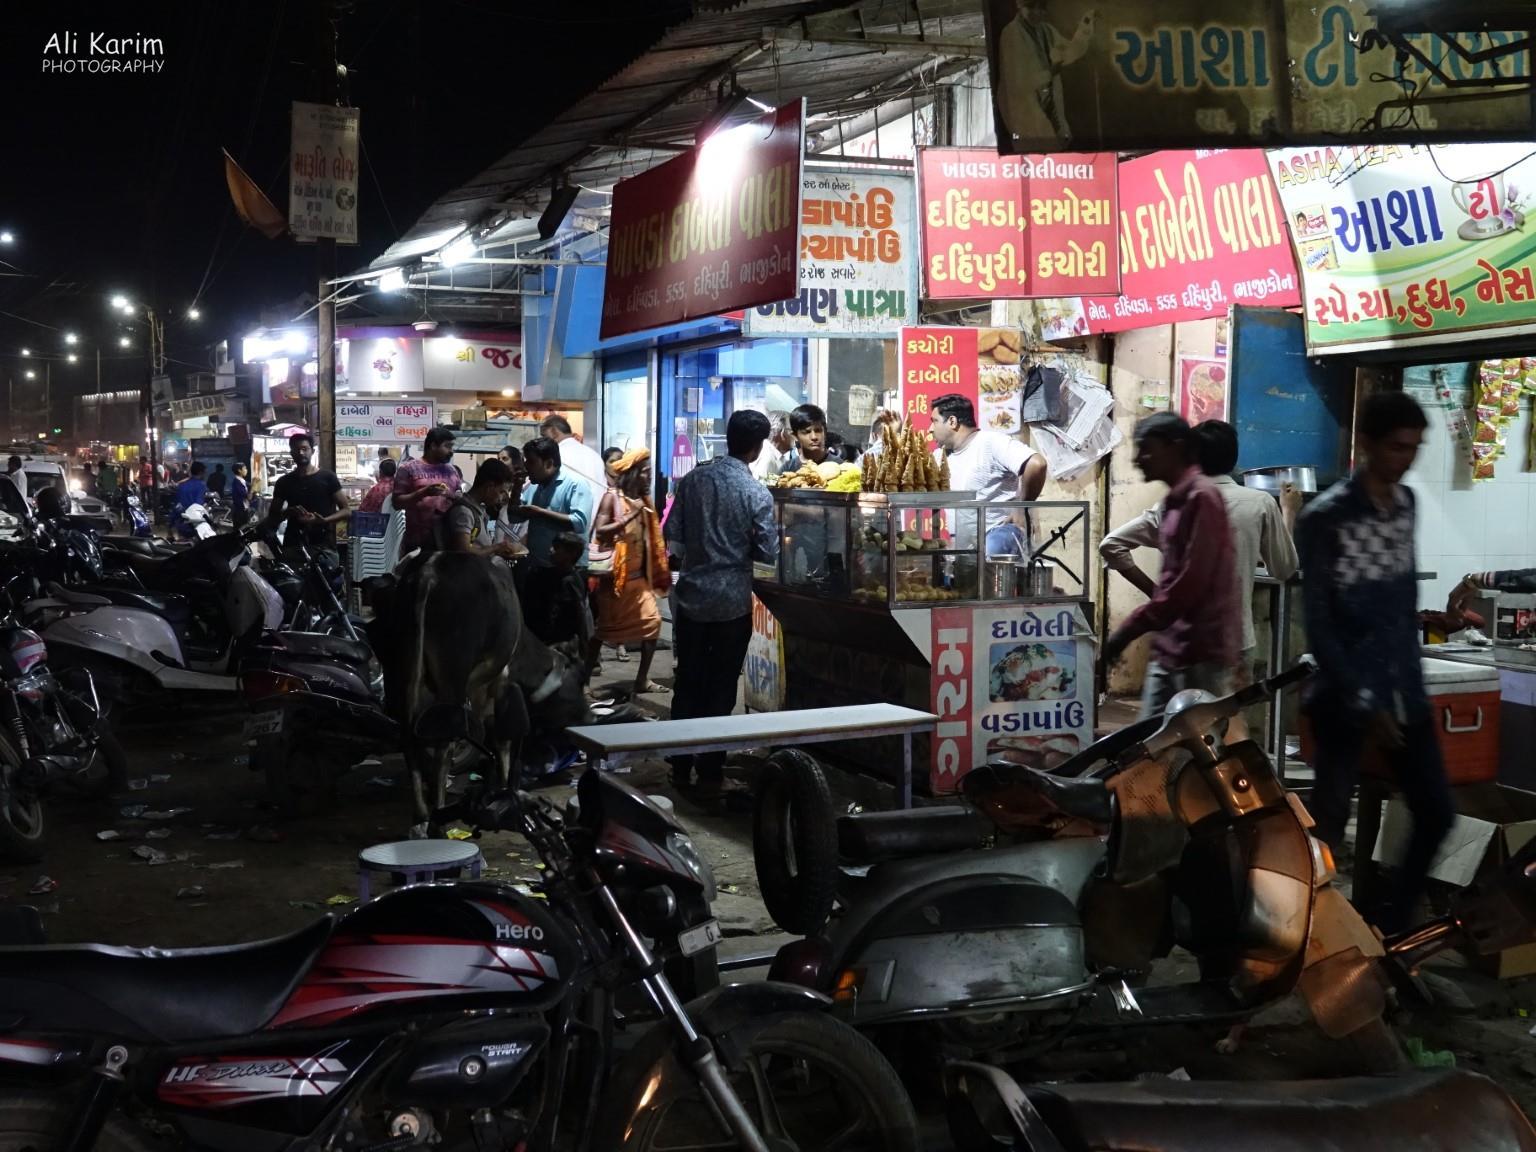 More Bhuj Street Food street :)